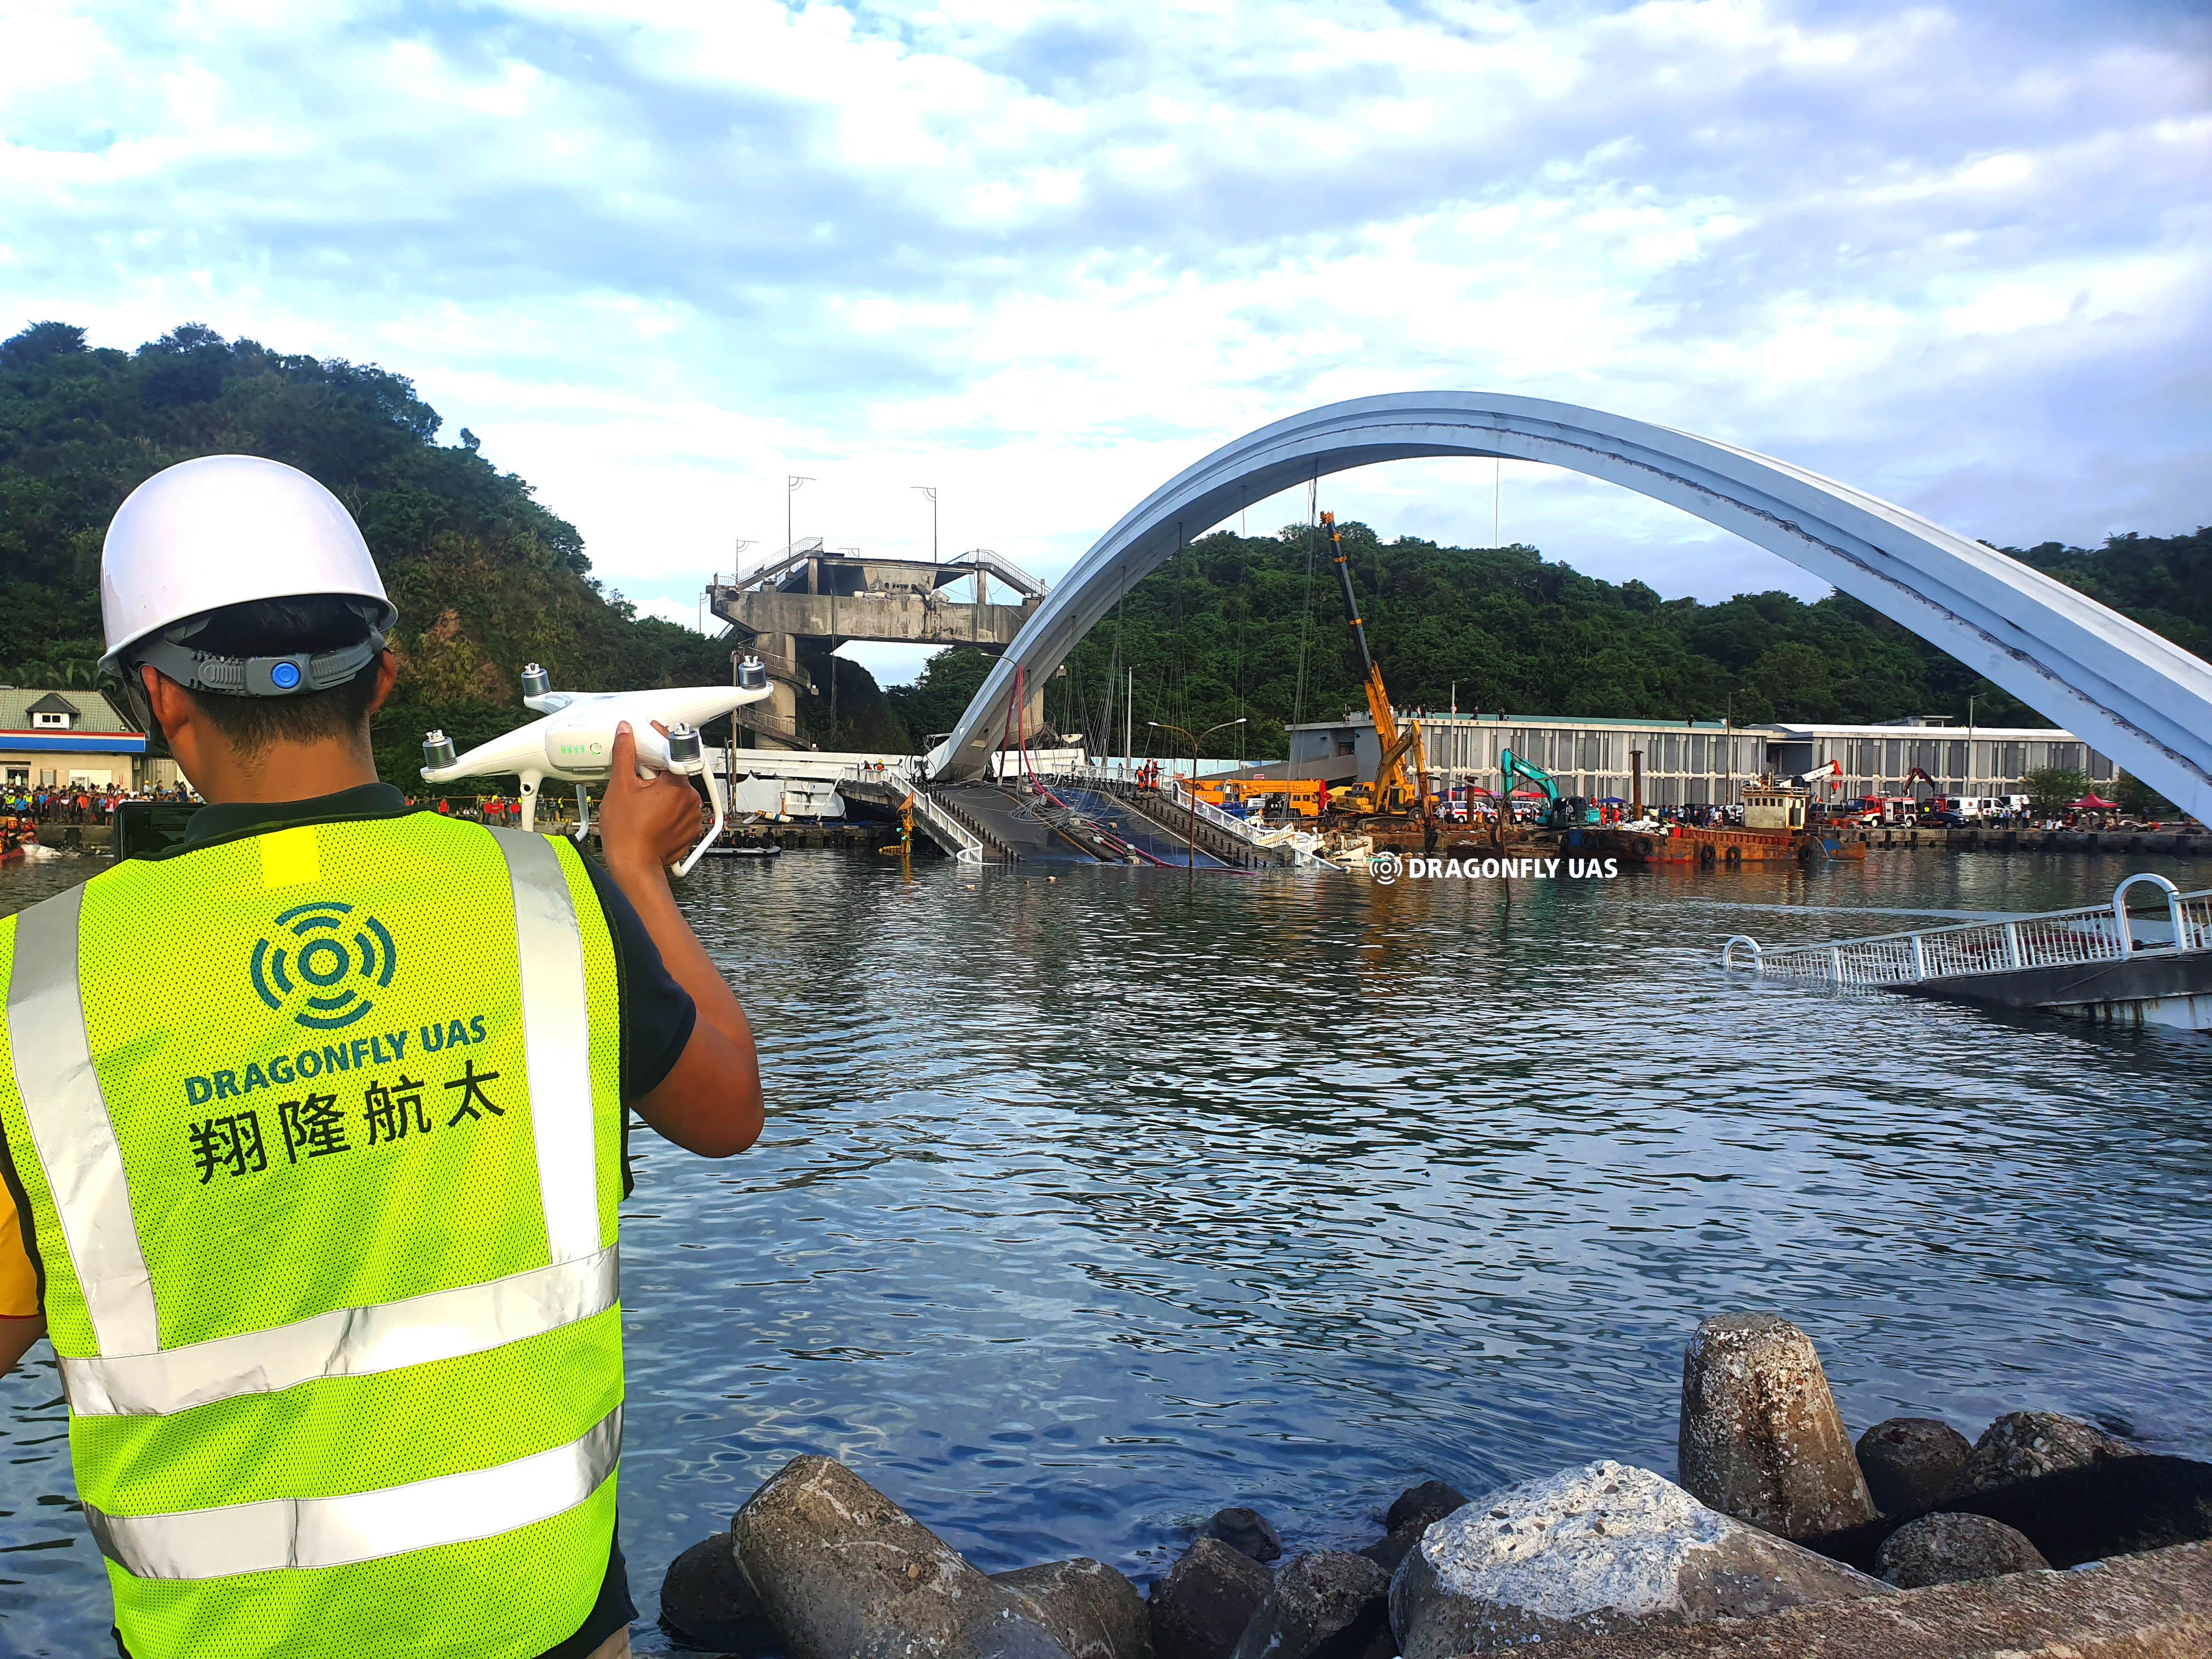 南方澳大橋坍塌實景建模紀錄現場 淺談無人機與災害管理